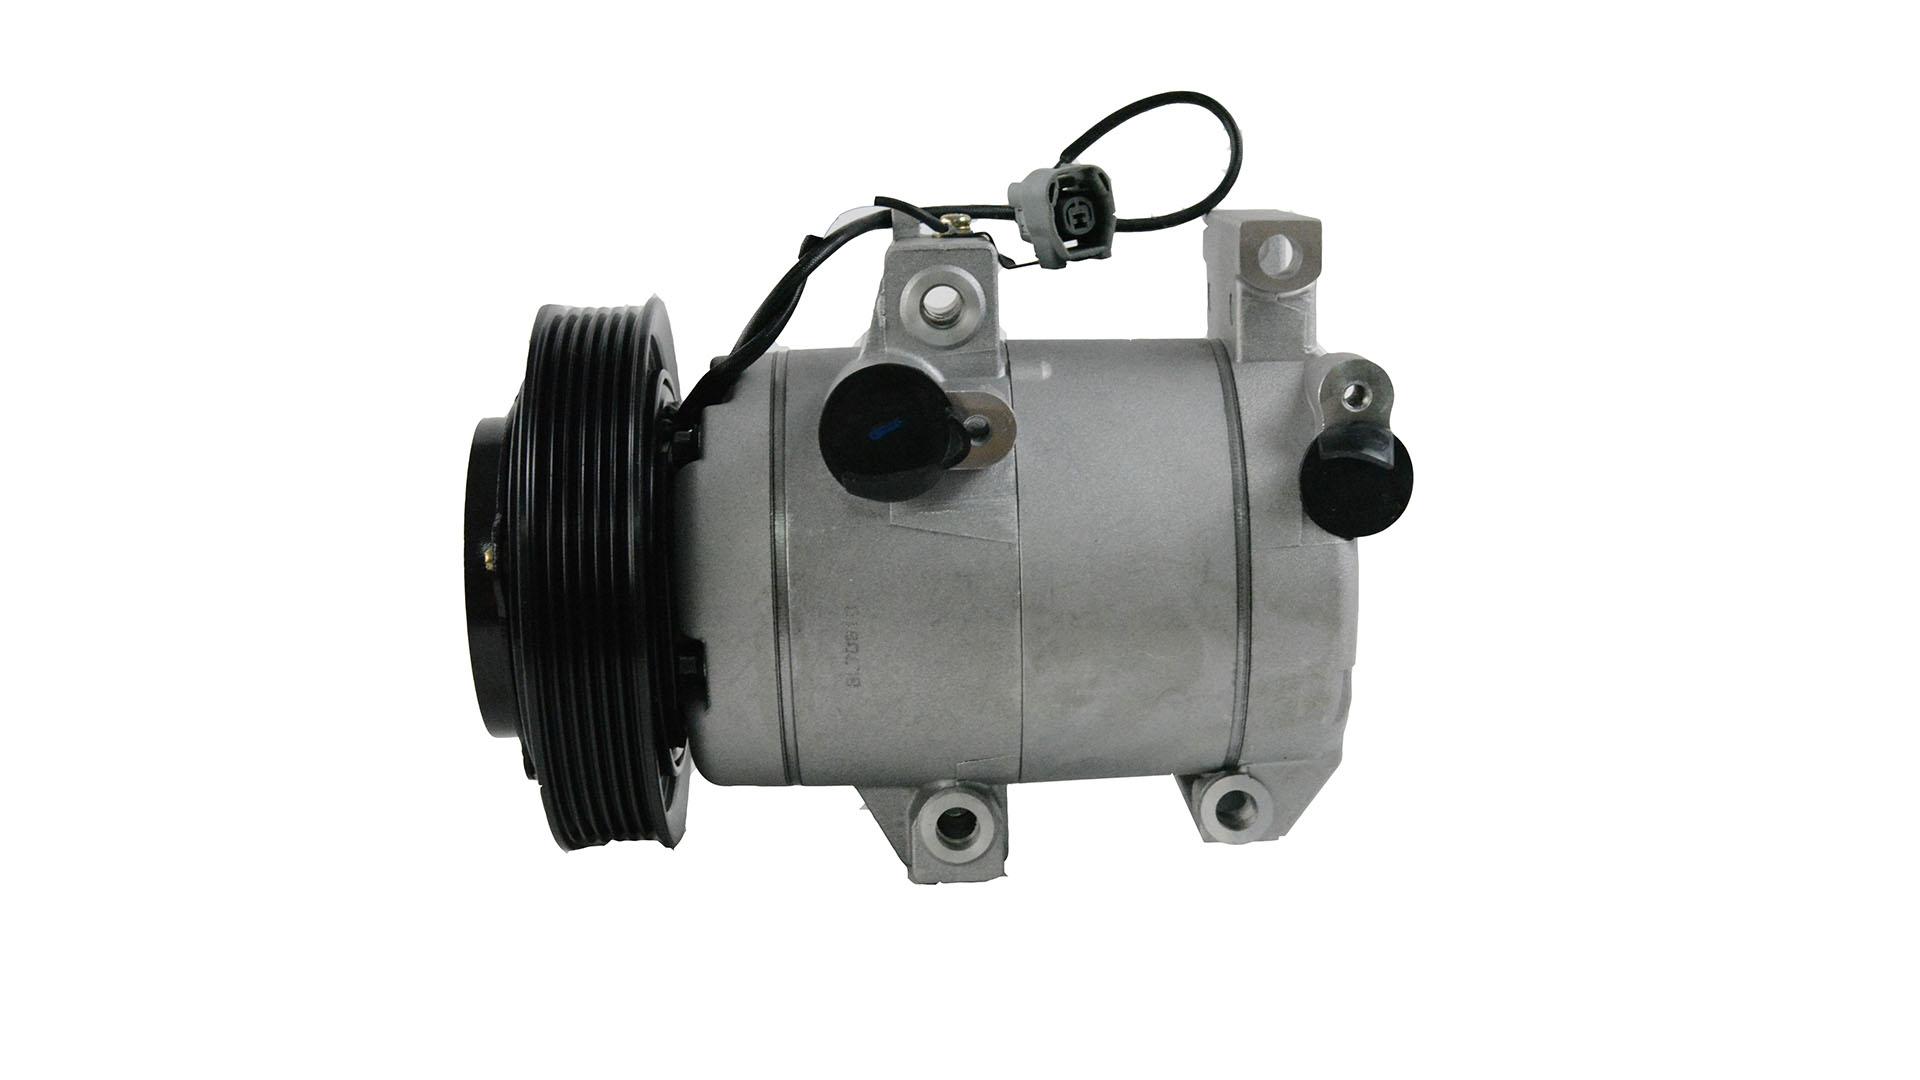 Wholesale BL.02.32 Auto AC Compressor For Mazda Expansion/Mazda 6 2.5 Model